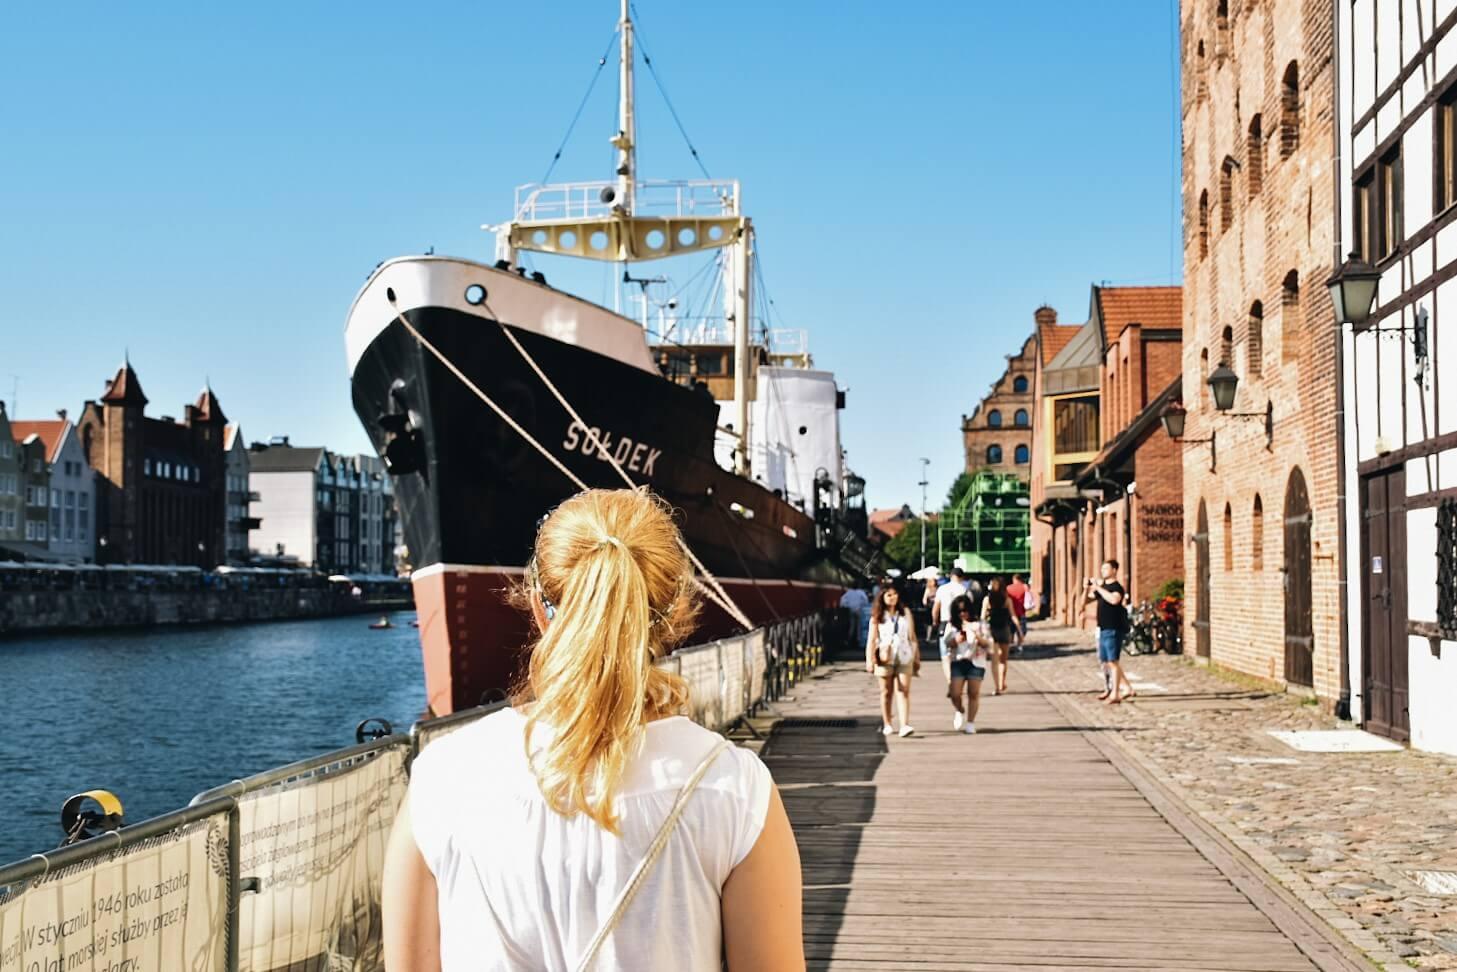 Turystka prze zabytkowym statku Sołdek Gdańsk.